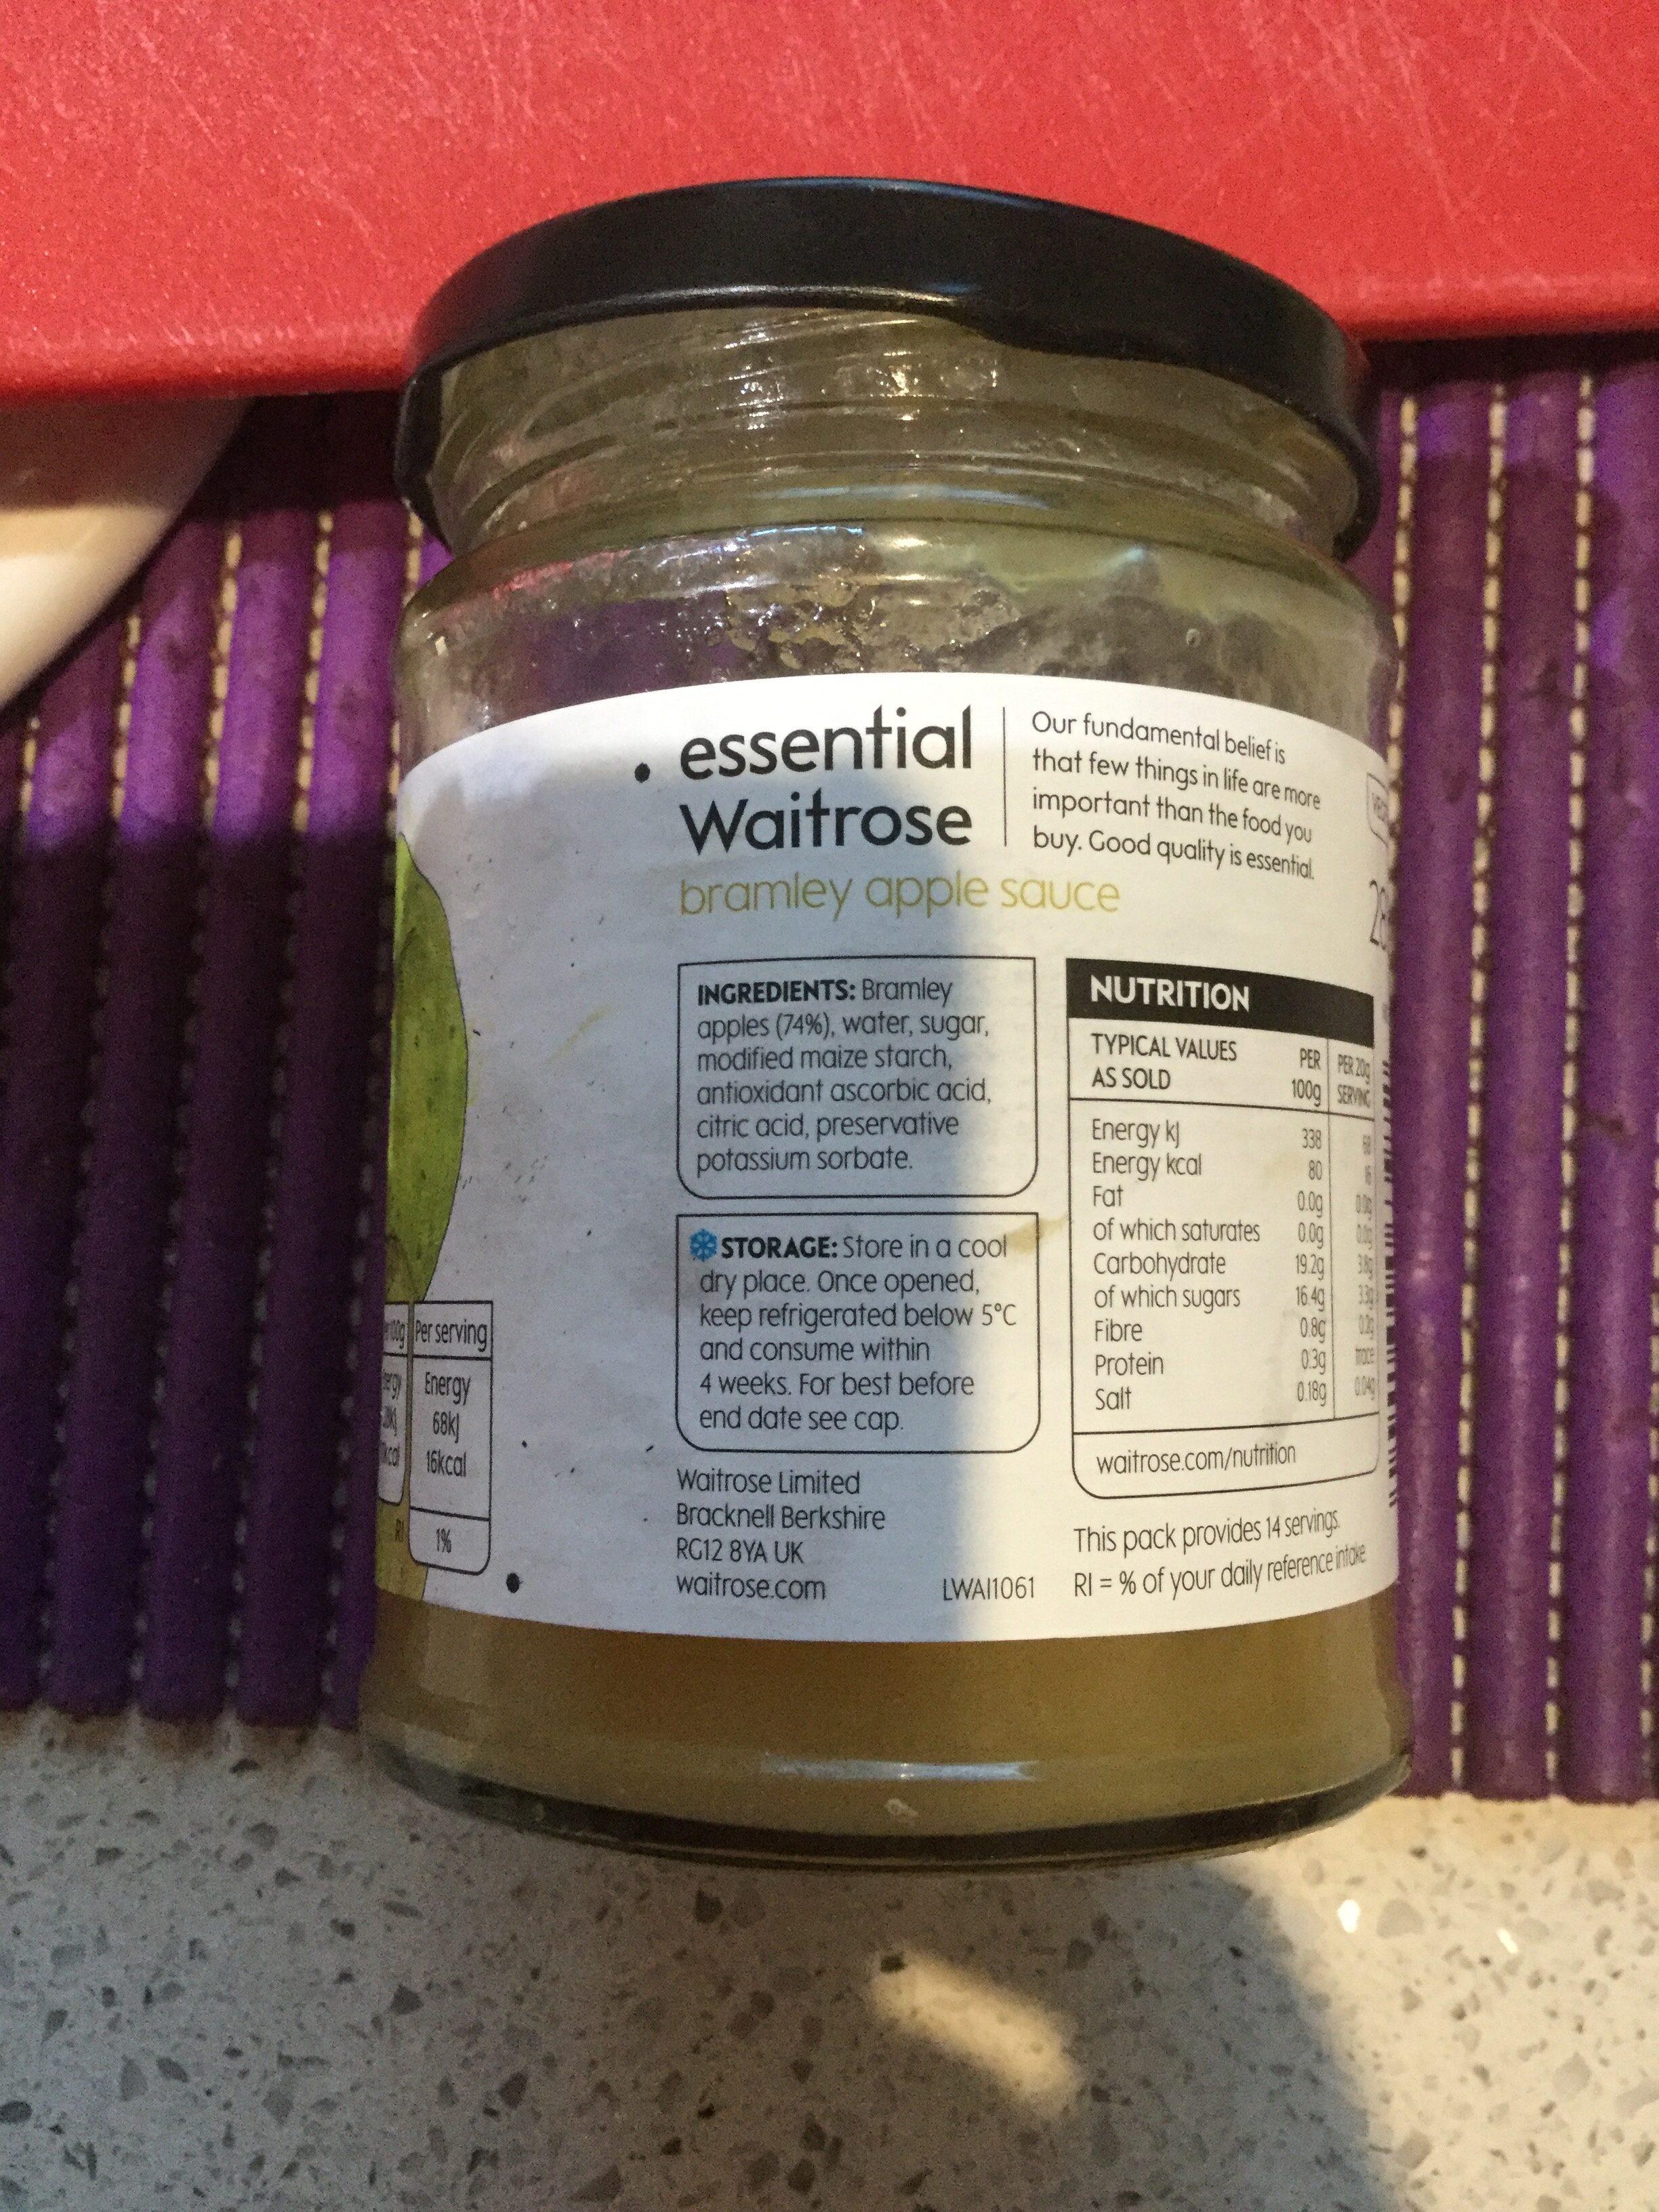 Waitrose Essential Bramley Apple Sauce - Ingredients